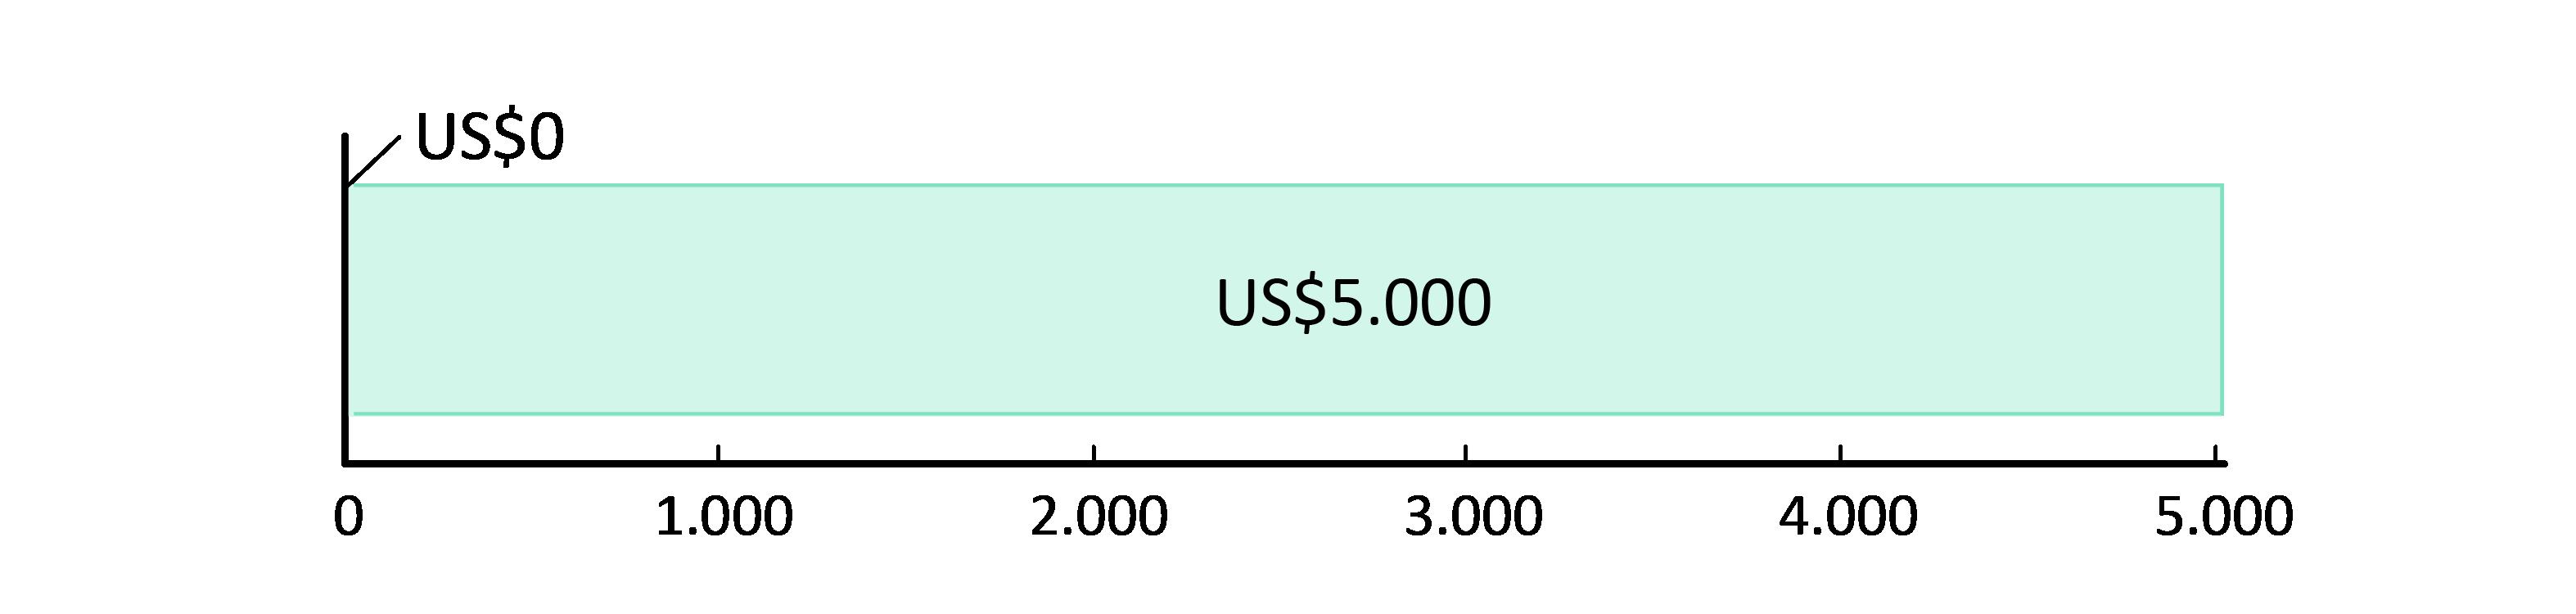 US$0 fueron usados; US$5.000 restan